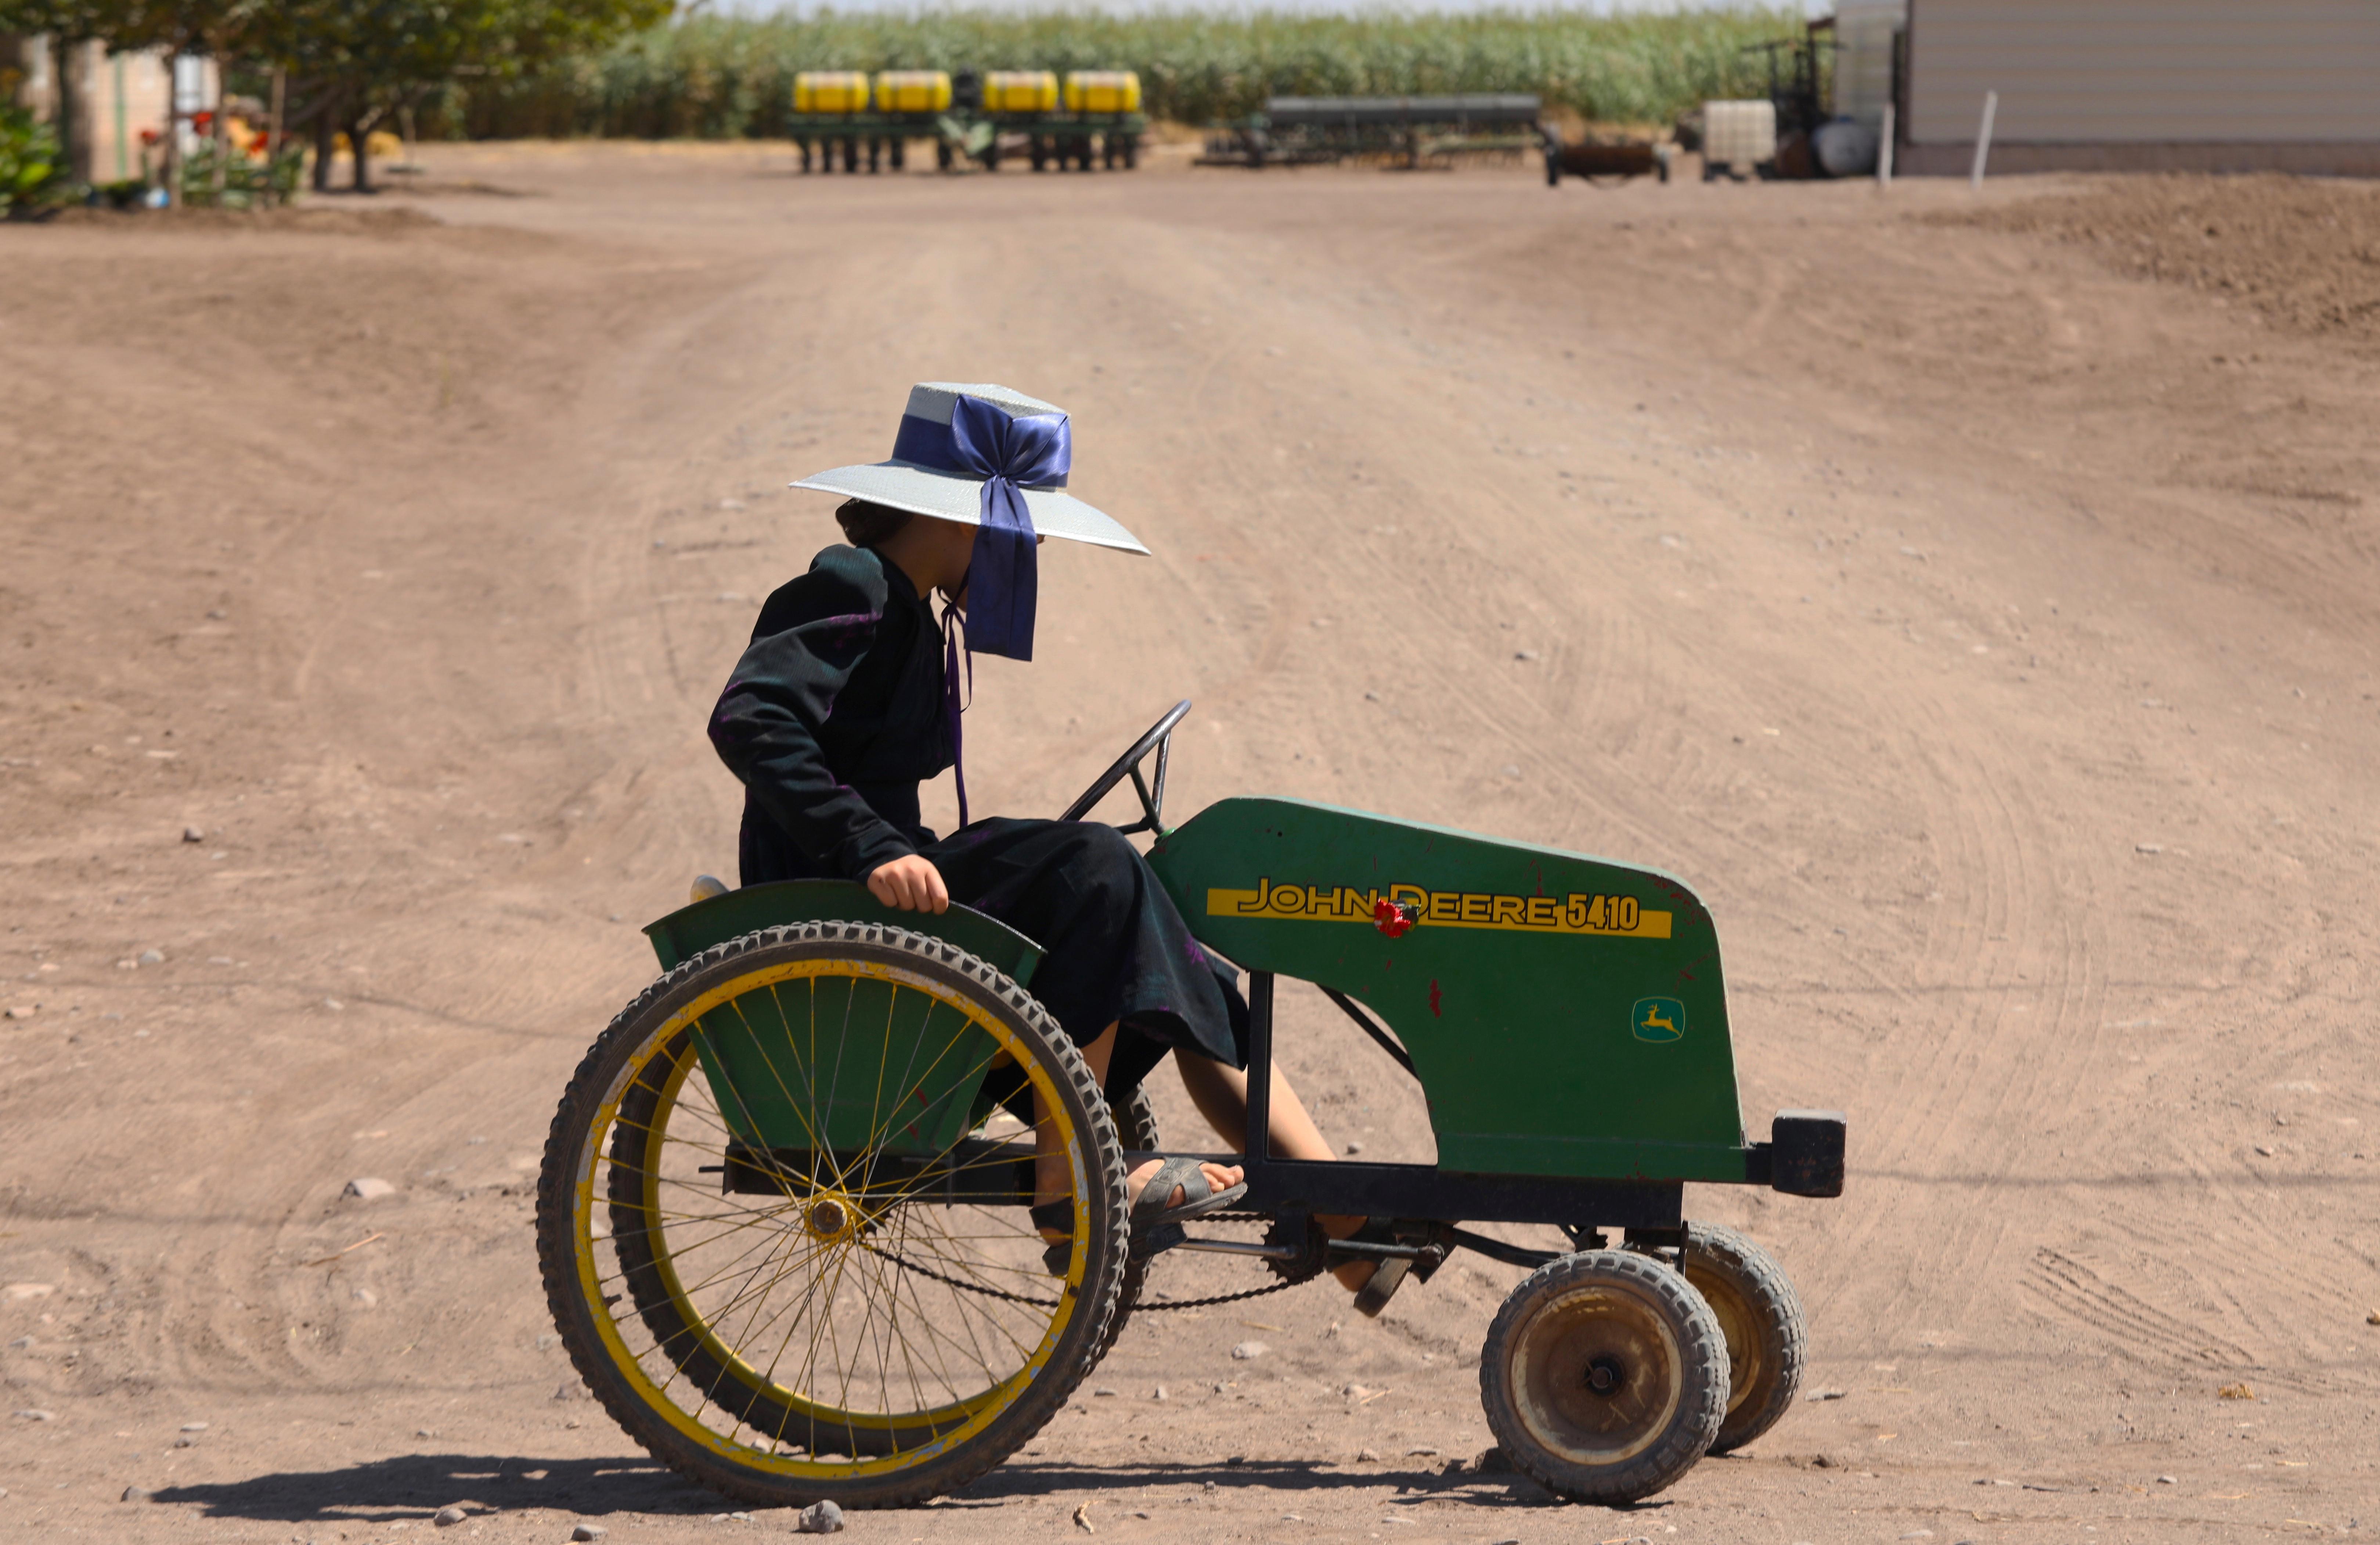 Una niña menonita monta un cuatriciclo en una comunidad menonita en el municipio de Ascensión, estado de Chihuahua, México, el 26 de septiembre de 2020.